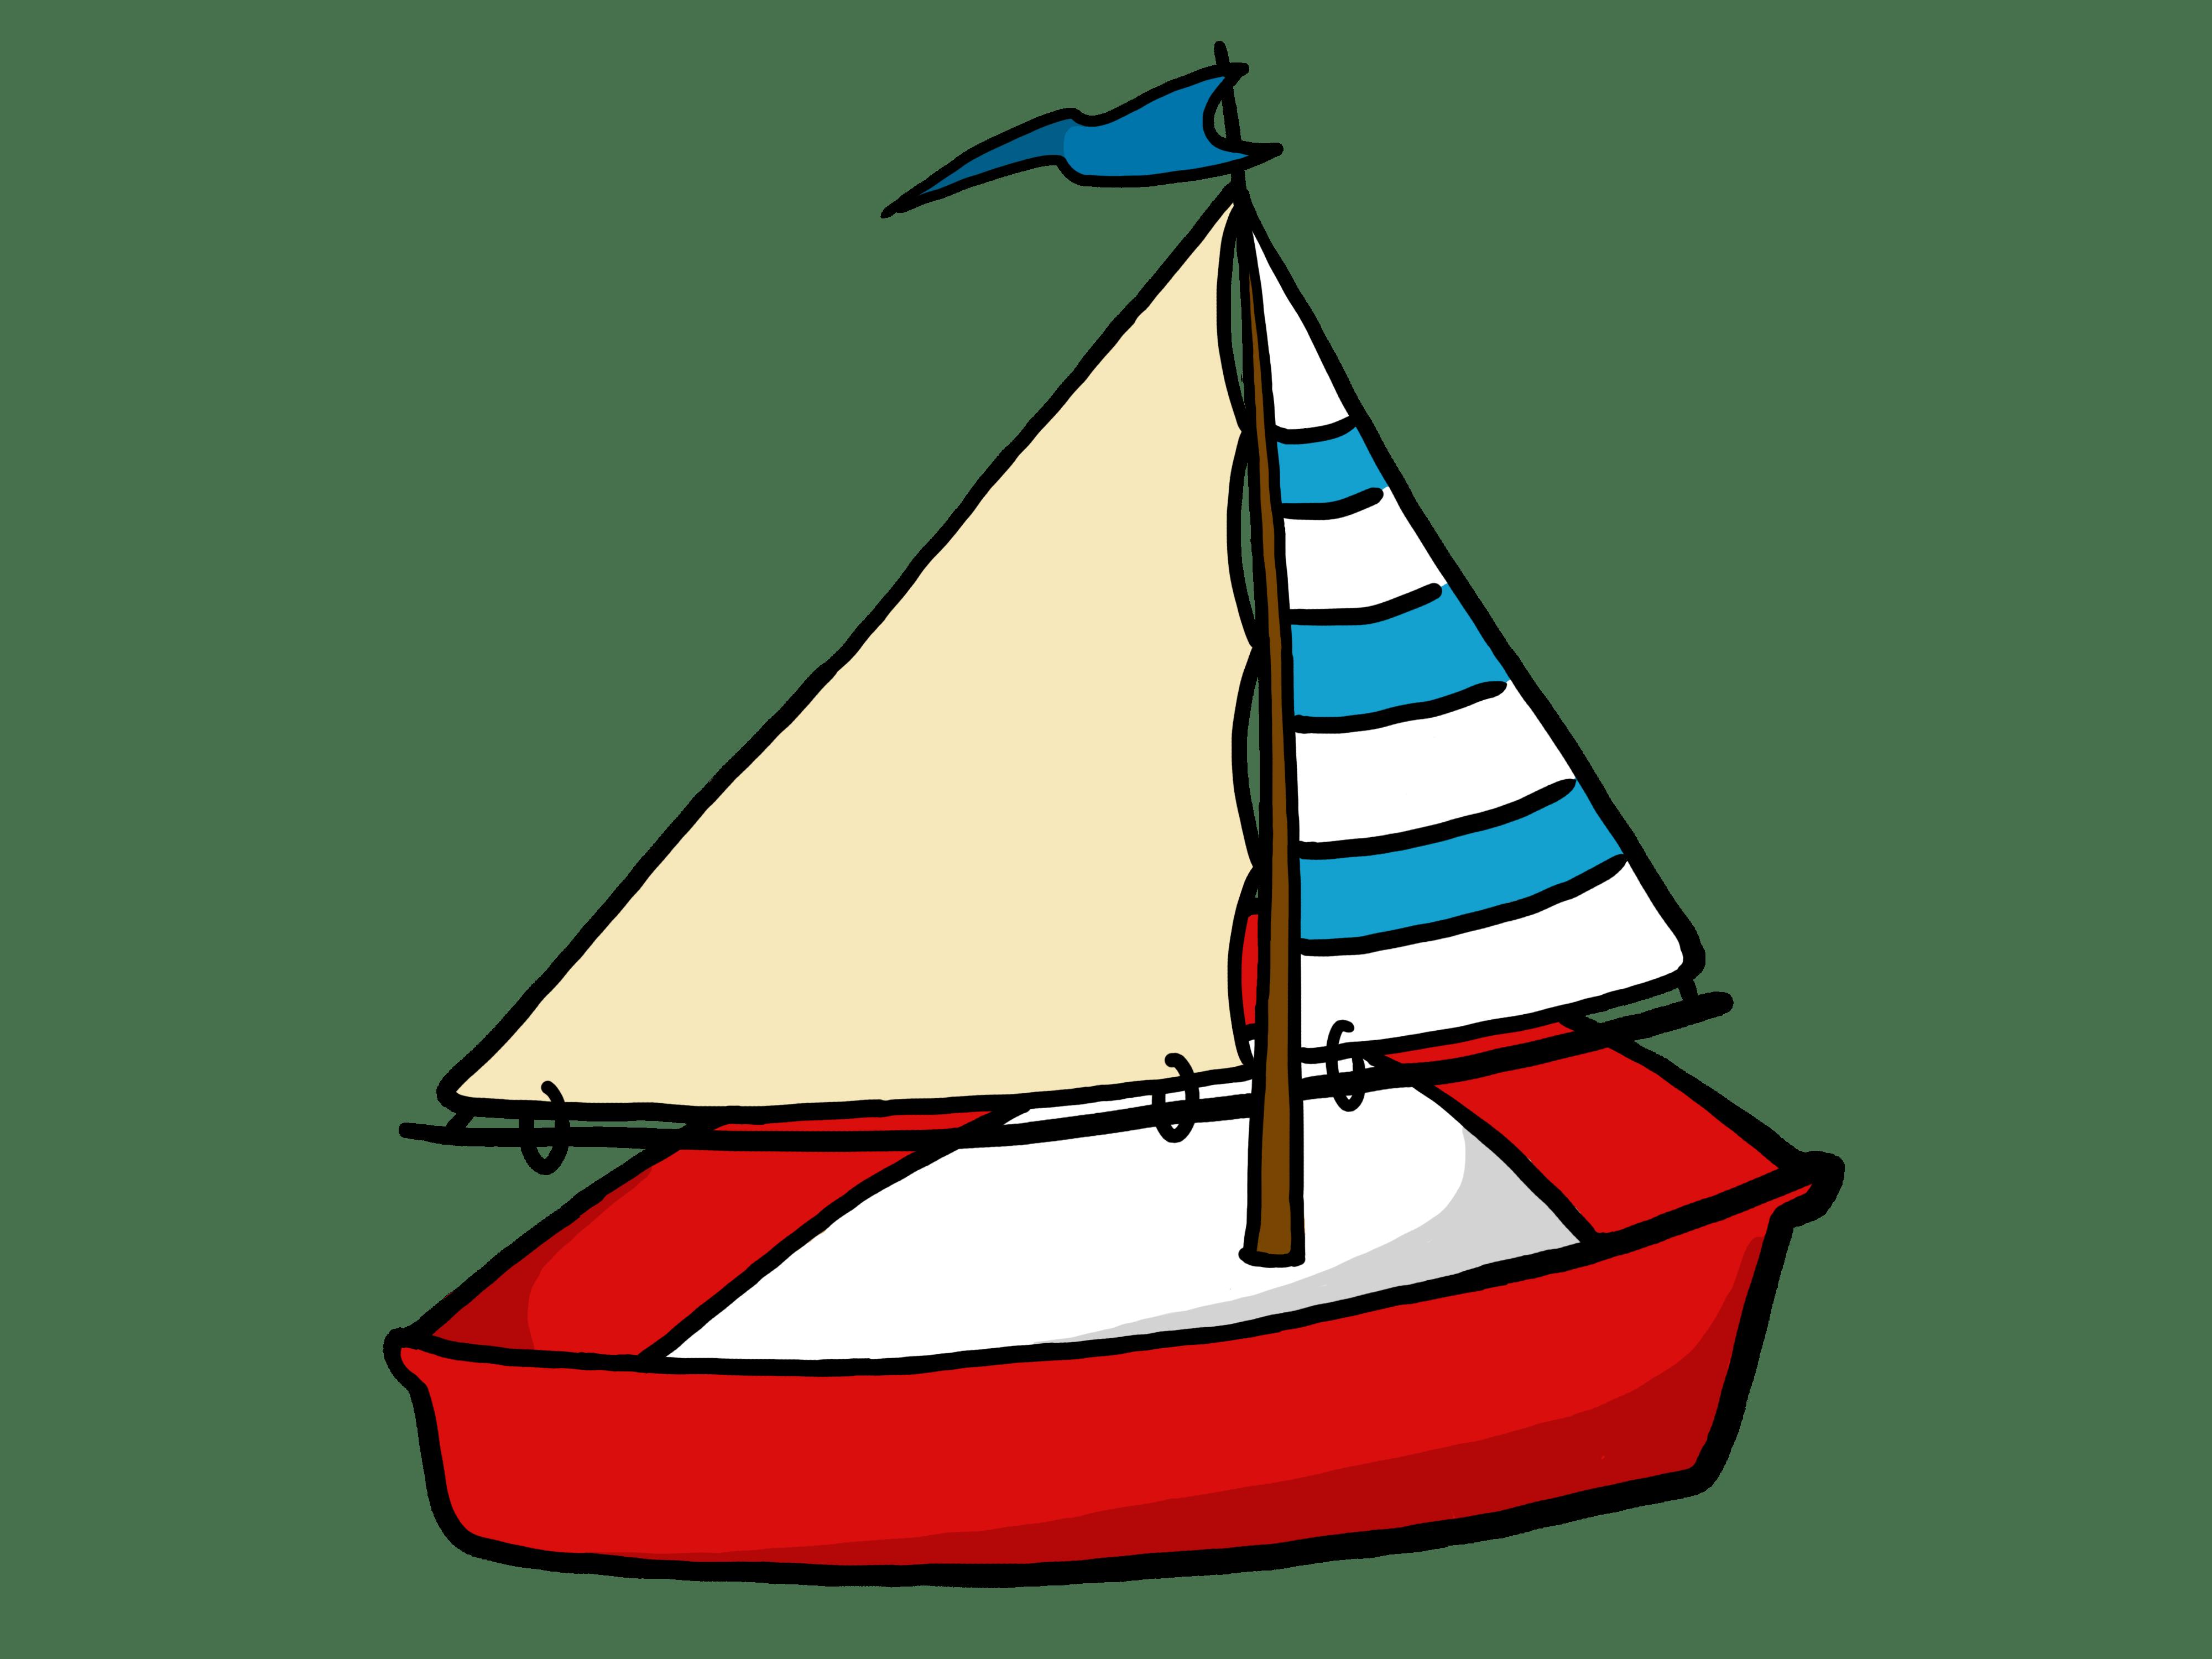 Small boat clipart 4 » Clipart Portal.